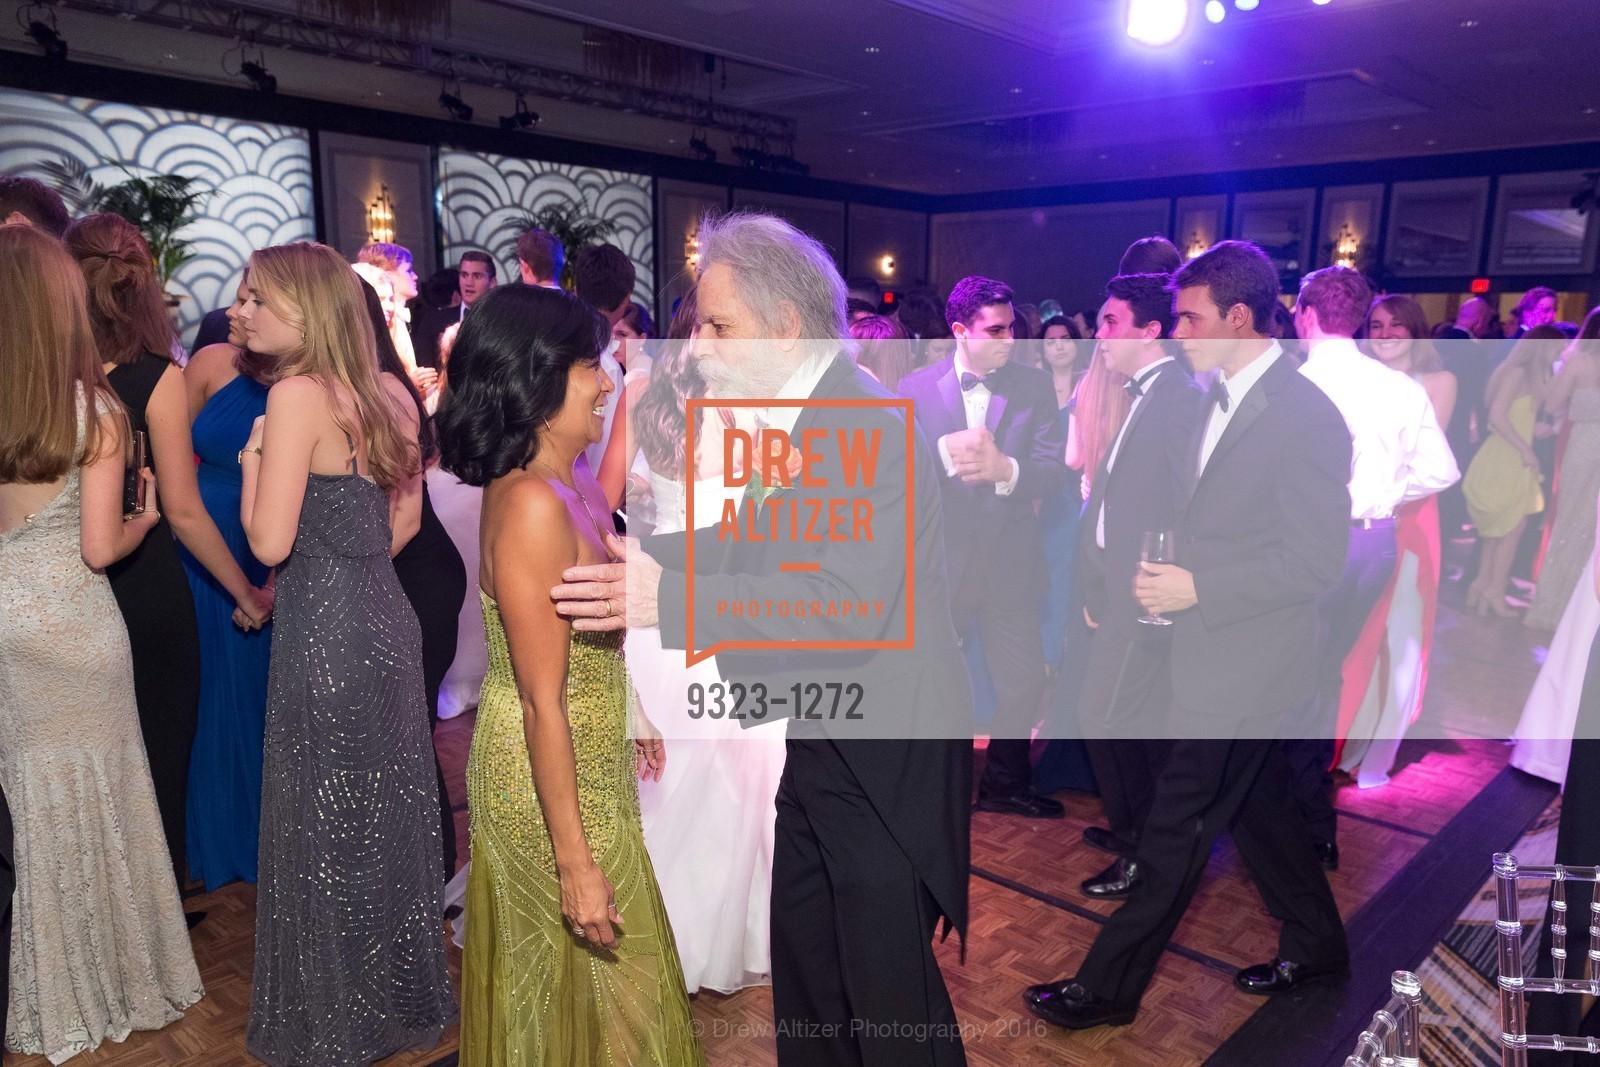 Cooksie Giannini, Bob Weir, Photo #9323-1272